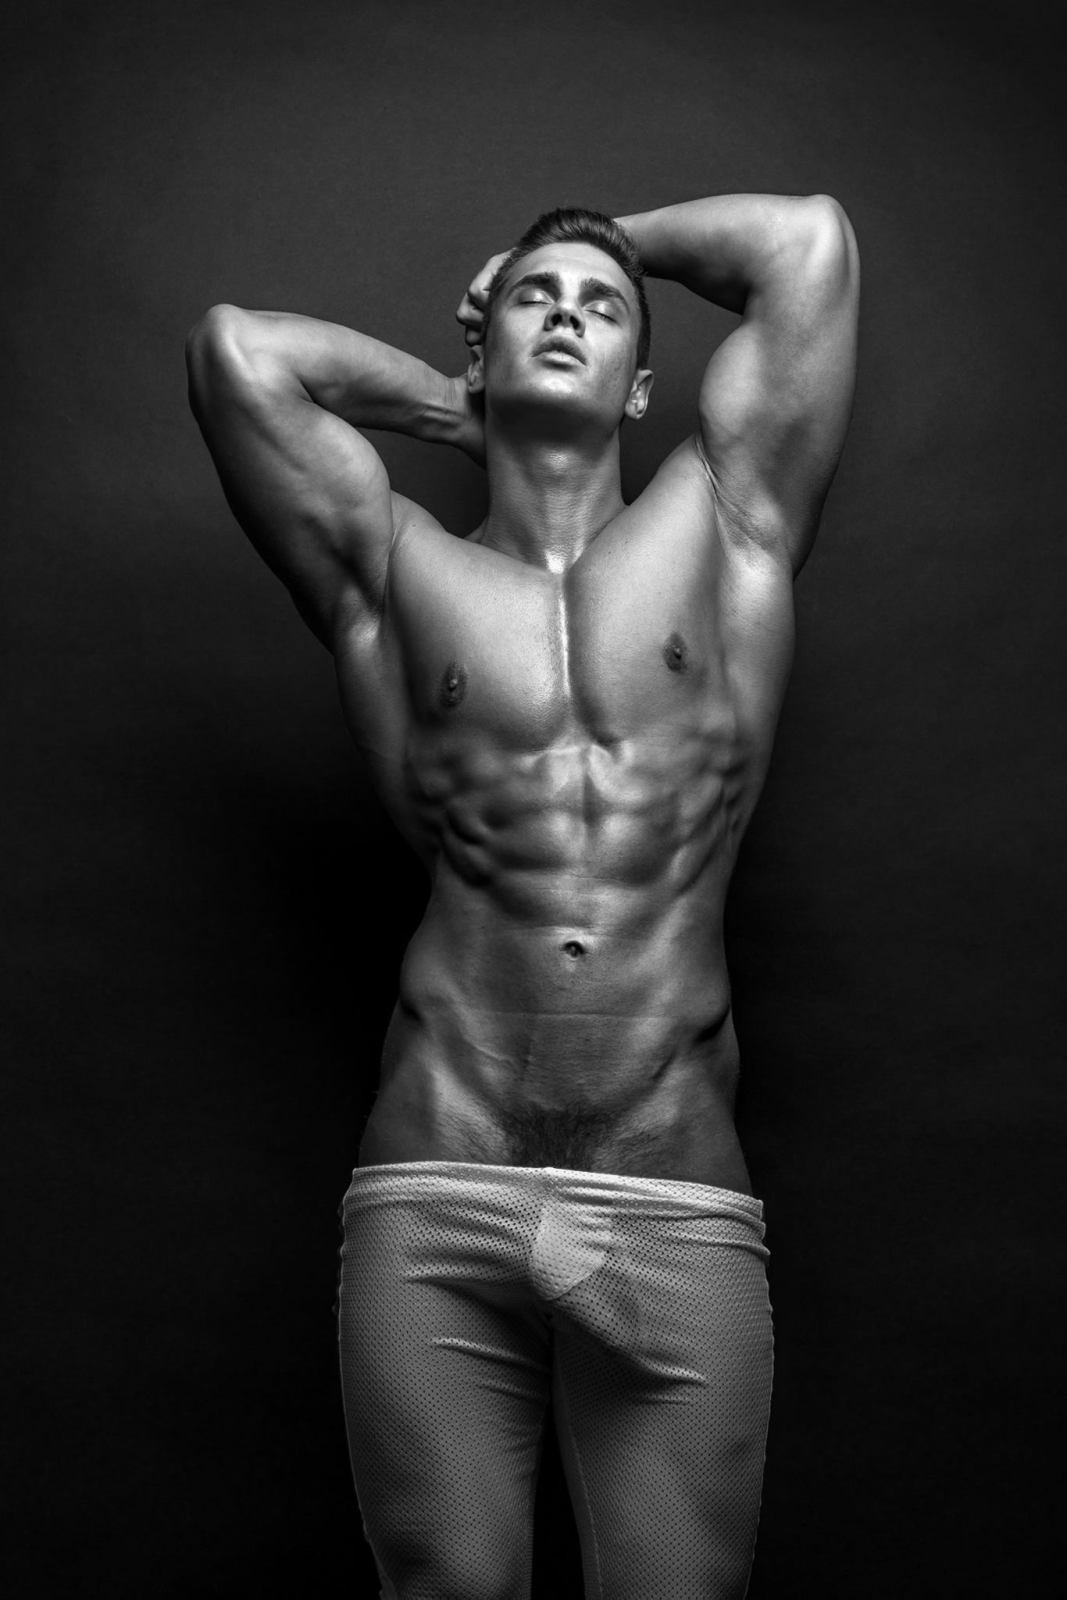 хотелось добавить, красивые голые модели пацаны фото бесплатной эротикой непревзойденного